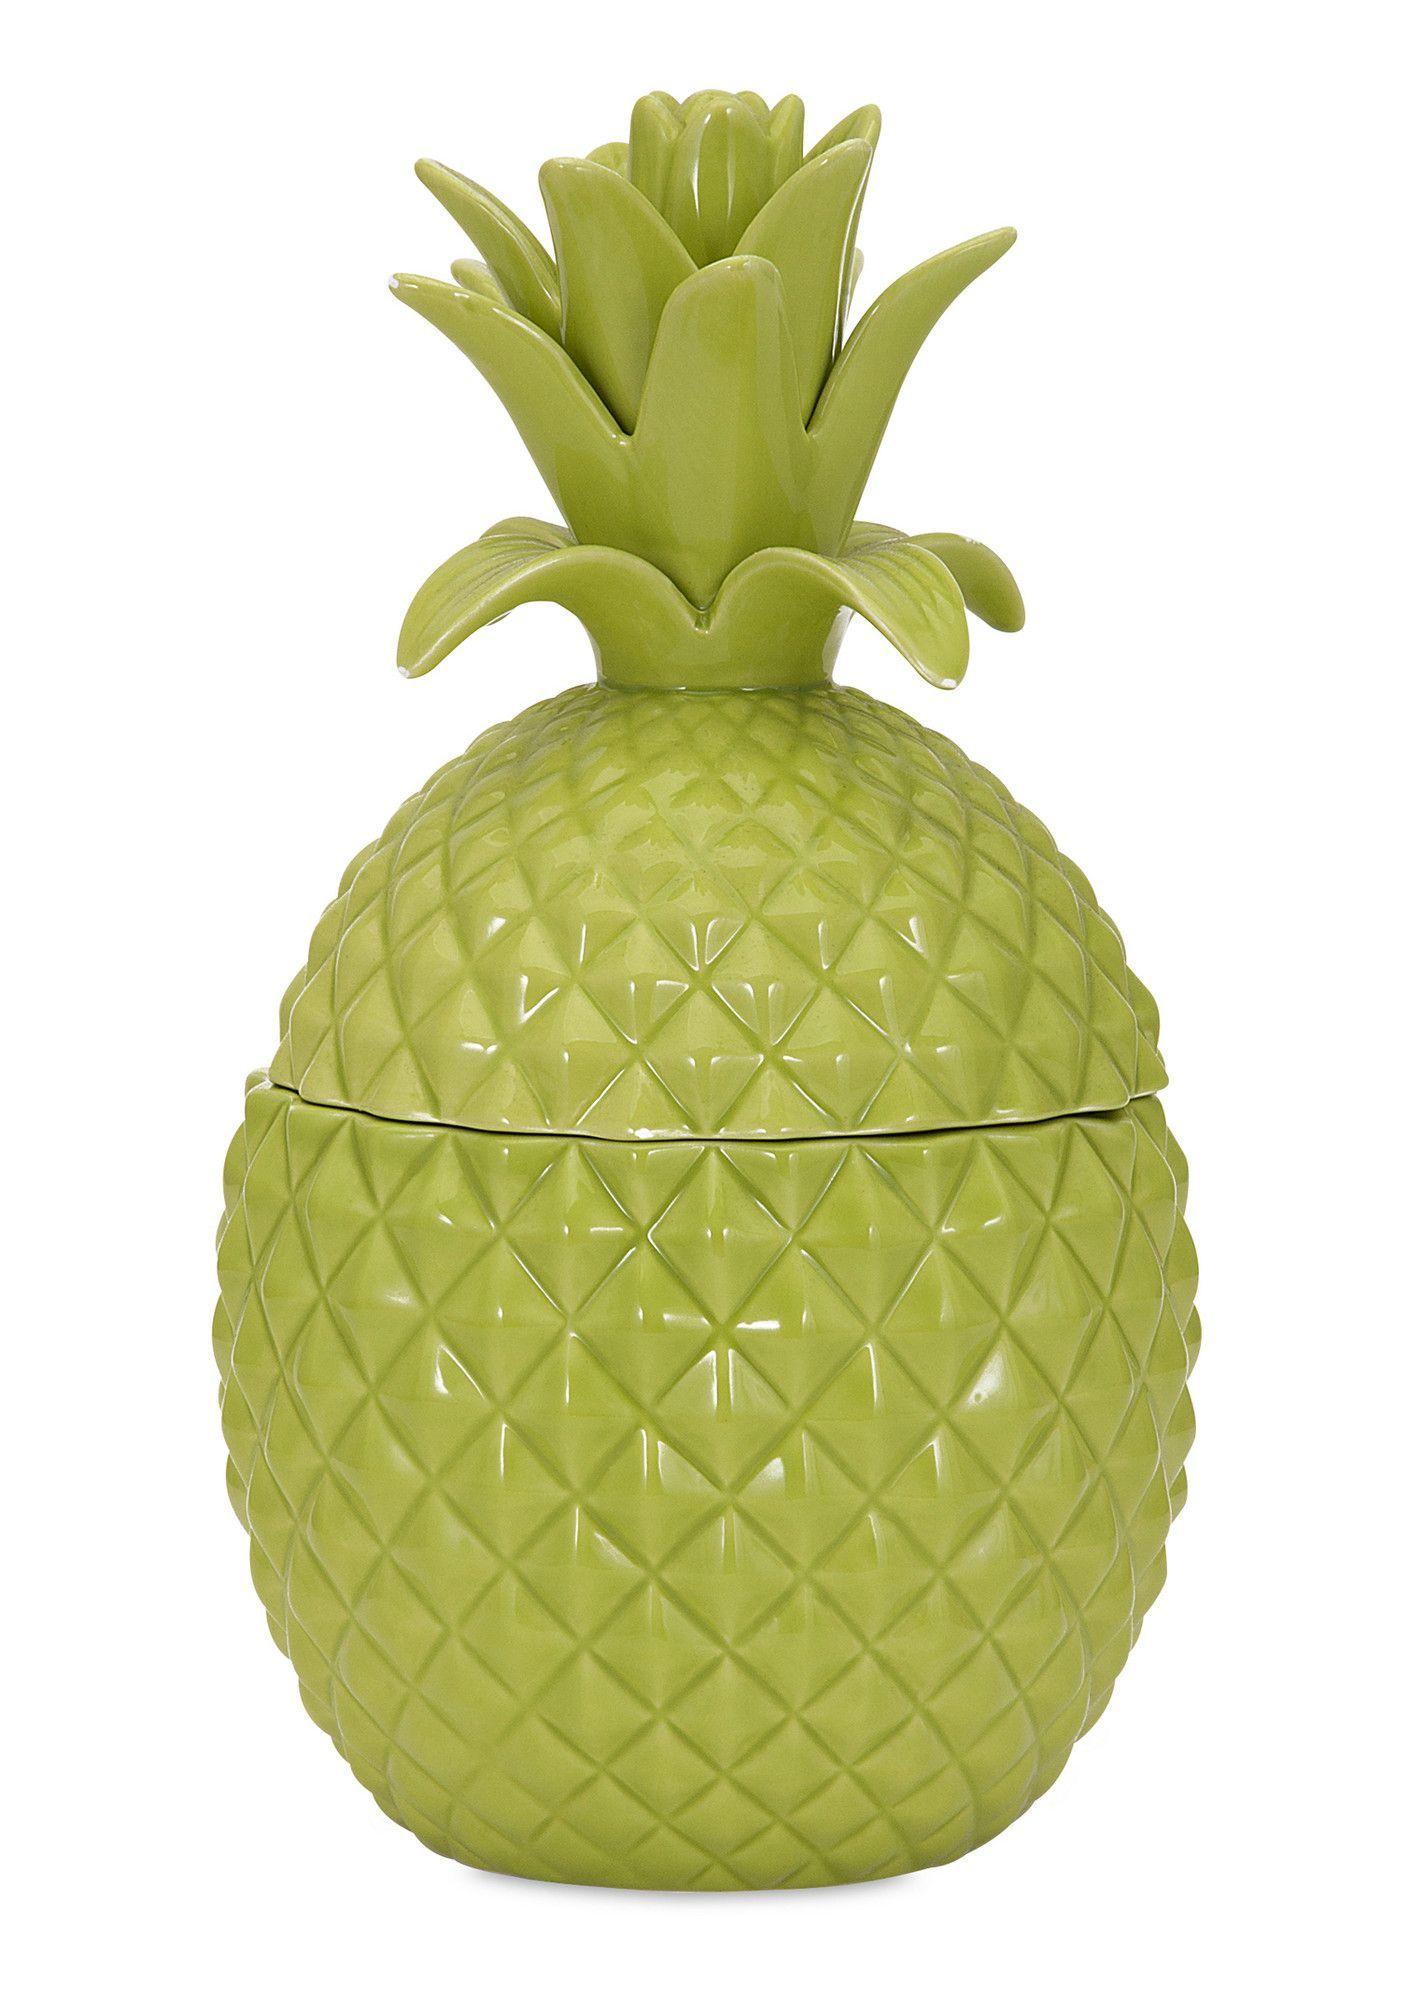 Lidded Pineapple Sculpture